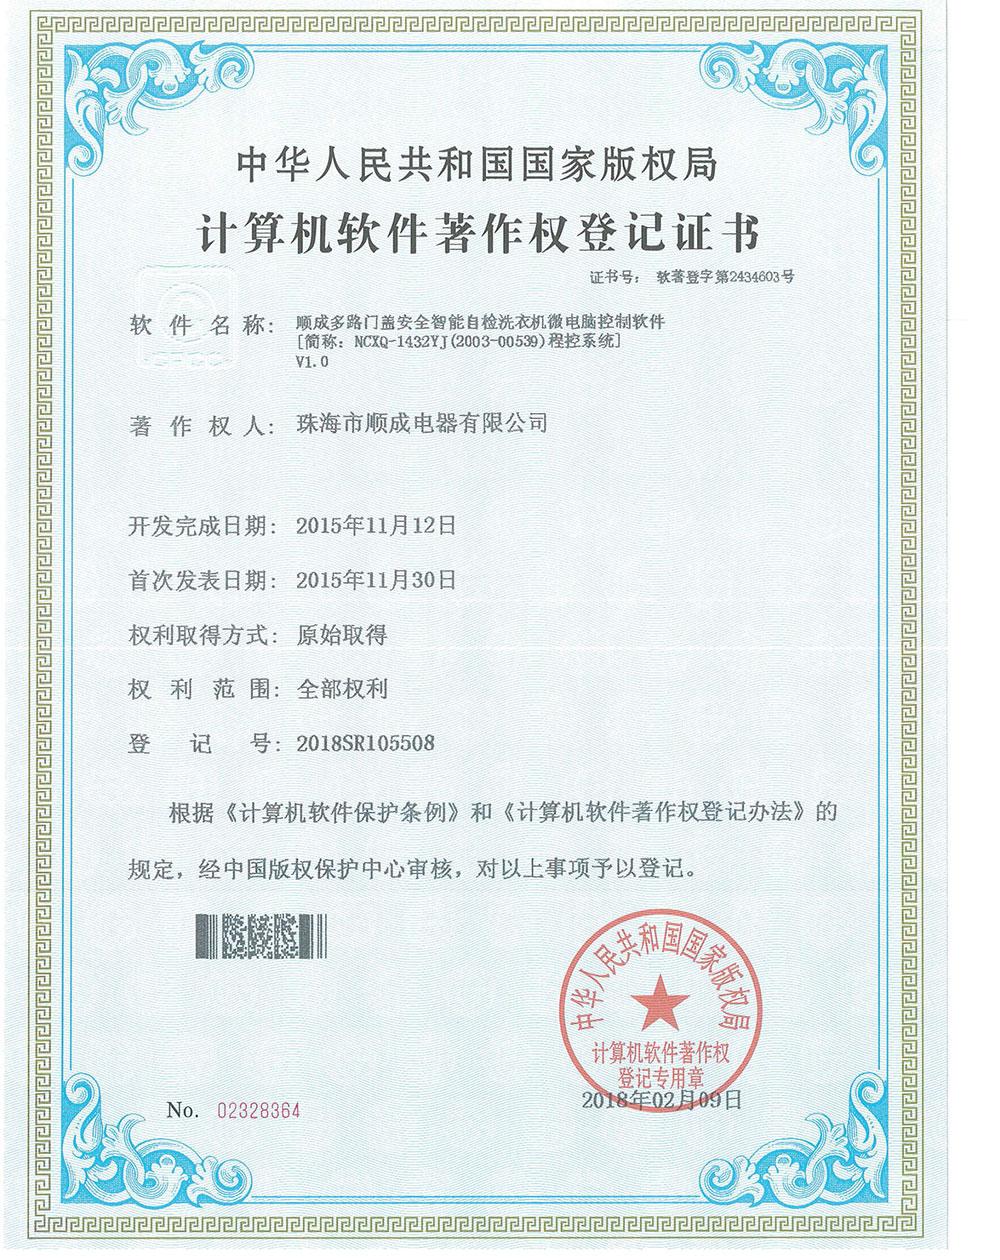 知識產權證書-4